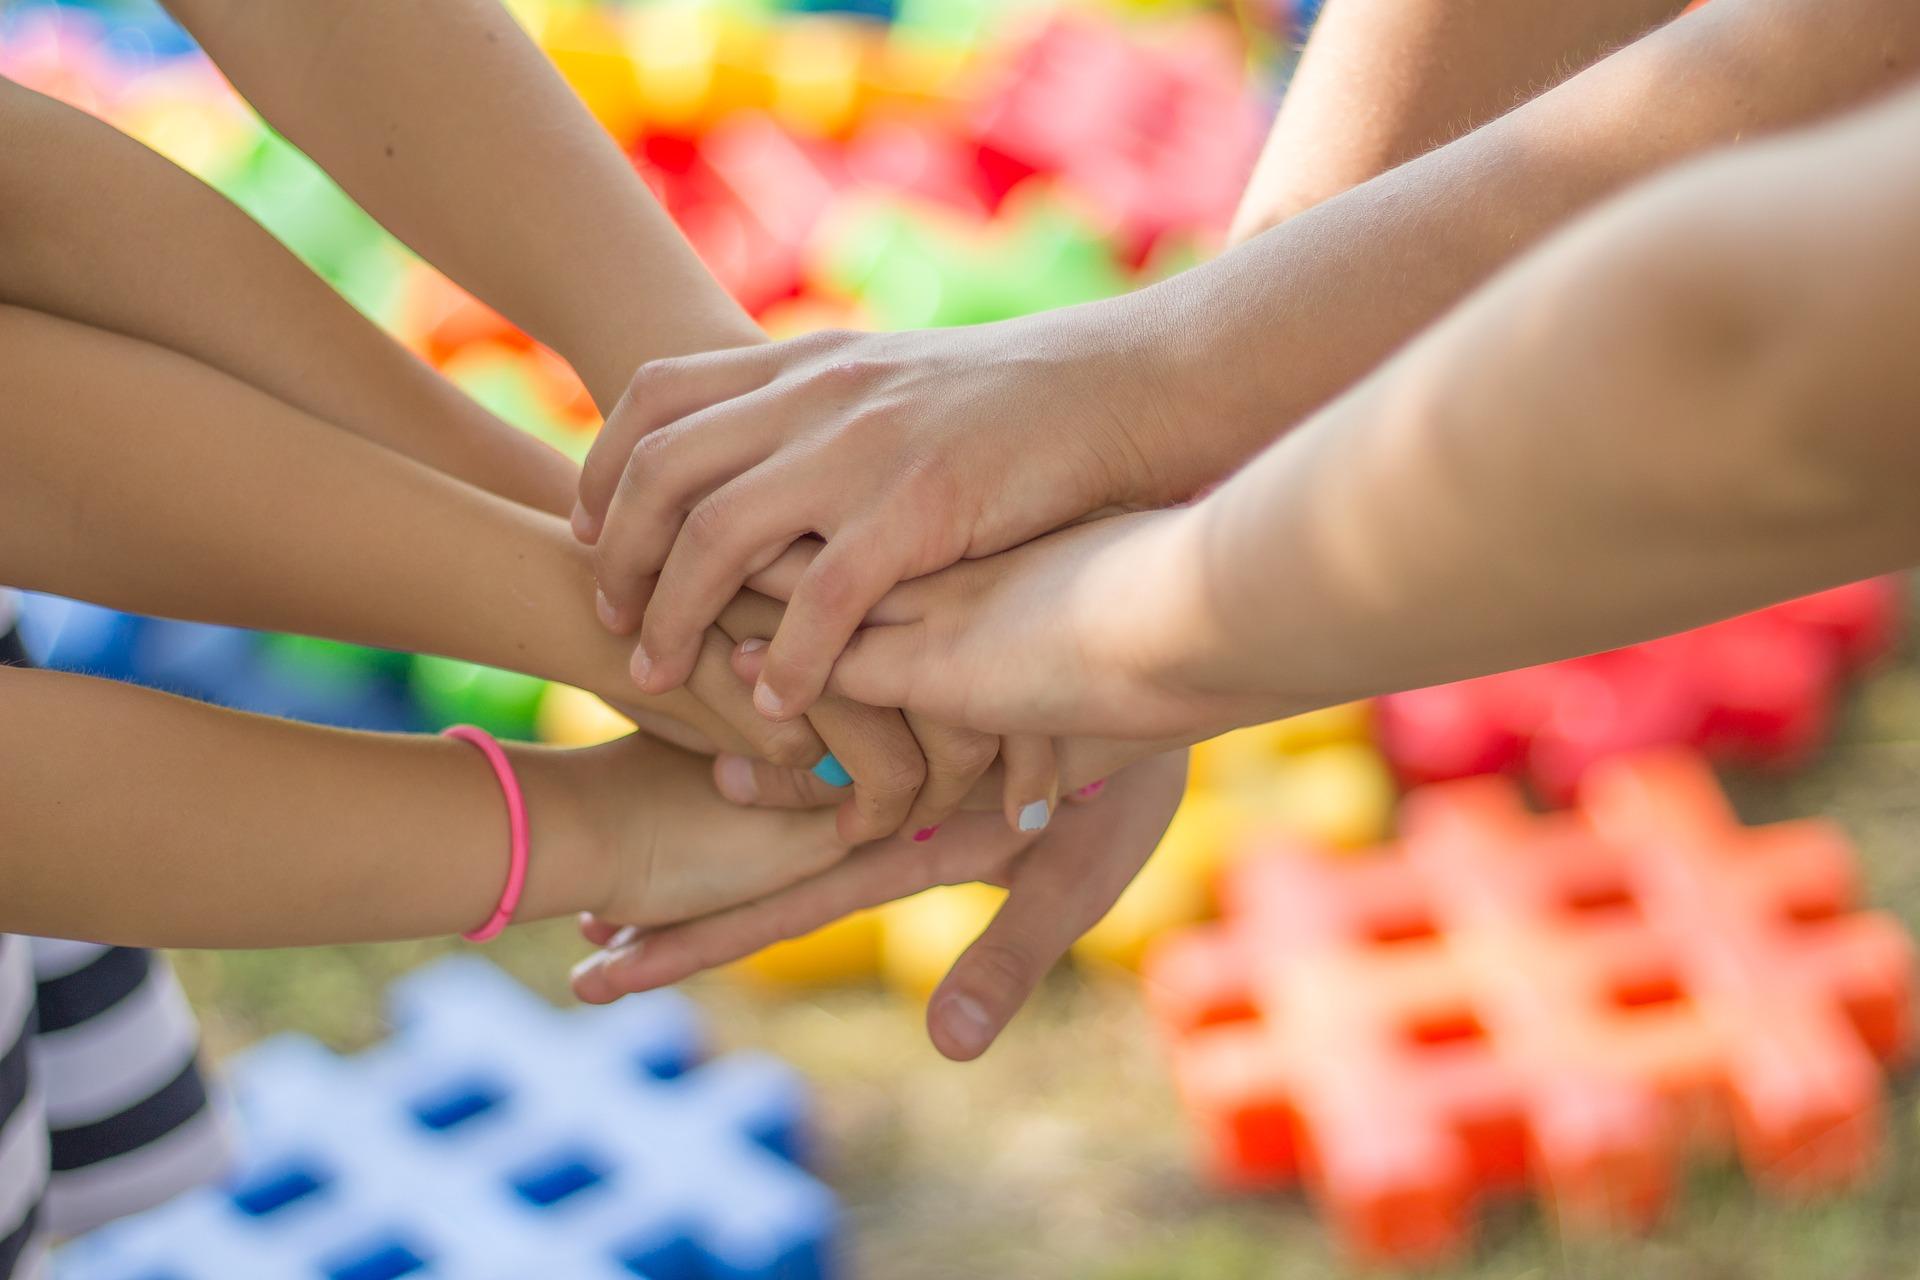 jugendhilfeausschuss © Pixabay